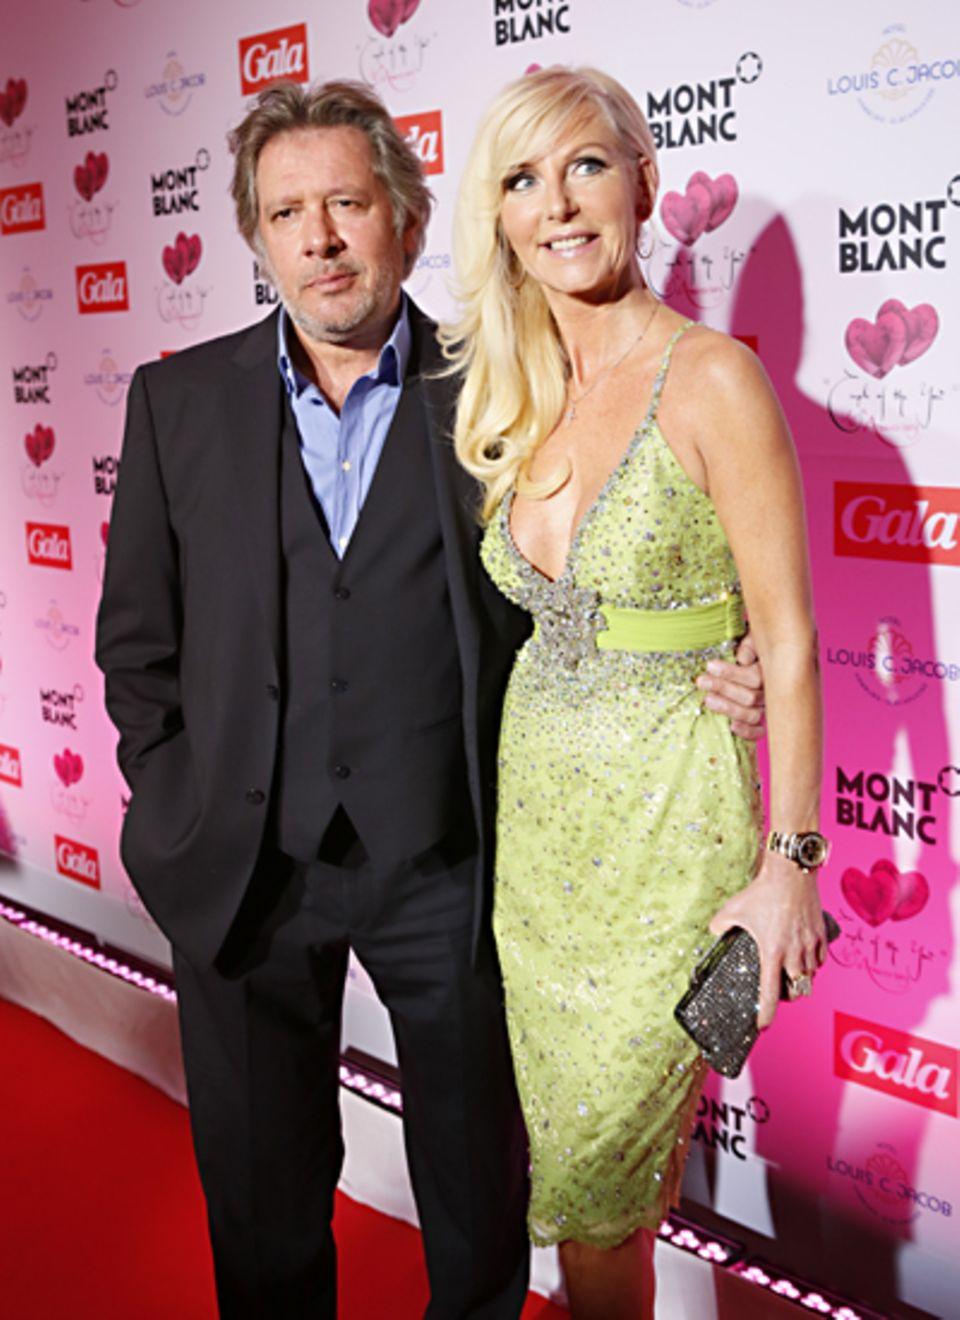 Der Hamburger Kultschauspieler Jan Fedder hat seine Frau Marion mitgebracht.